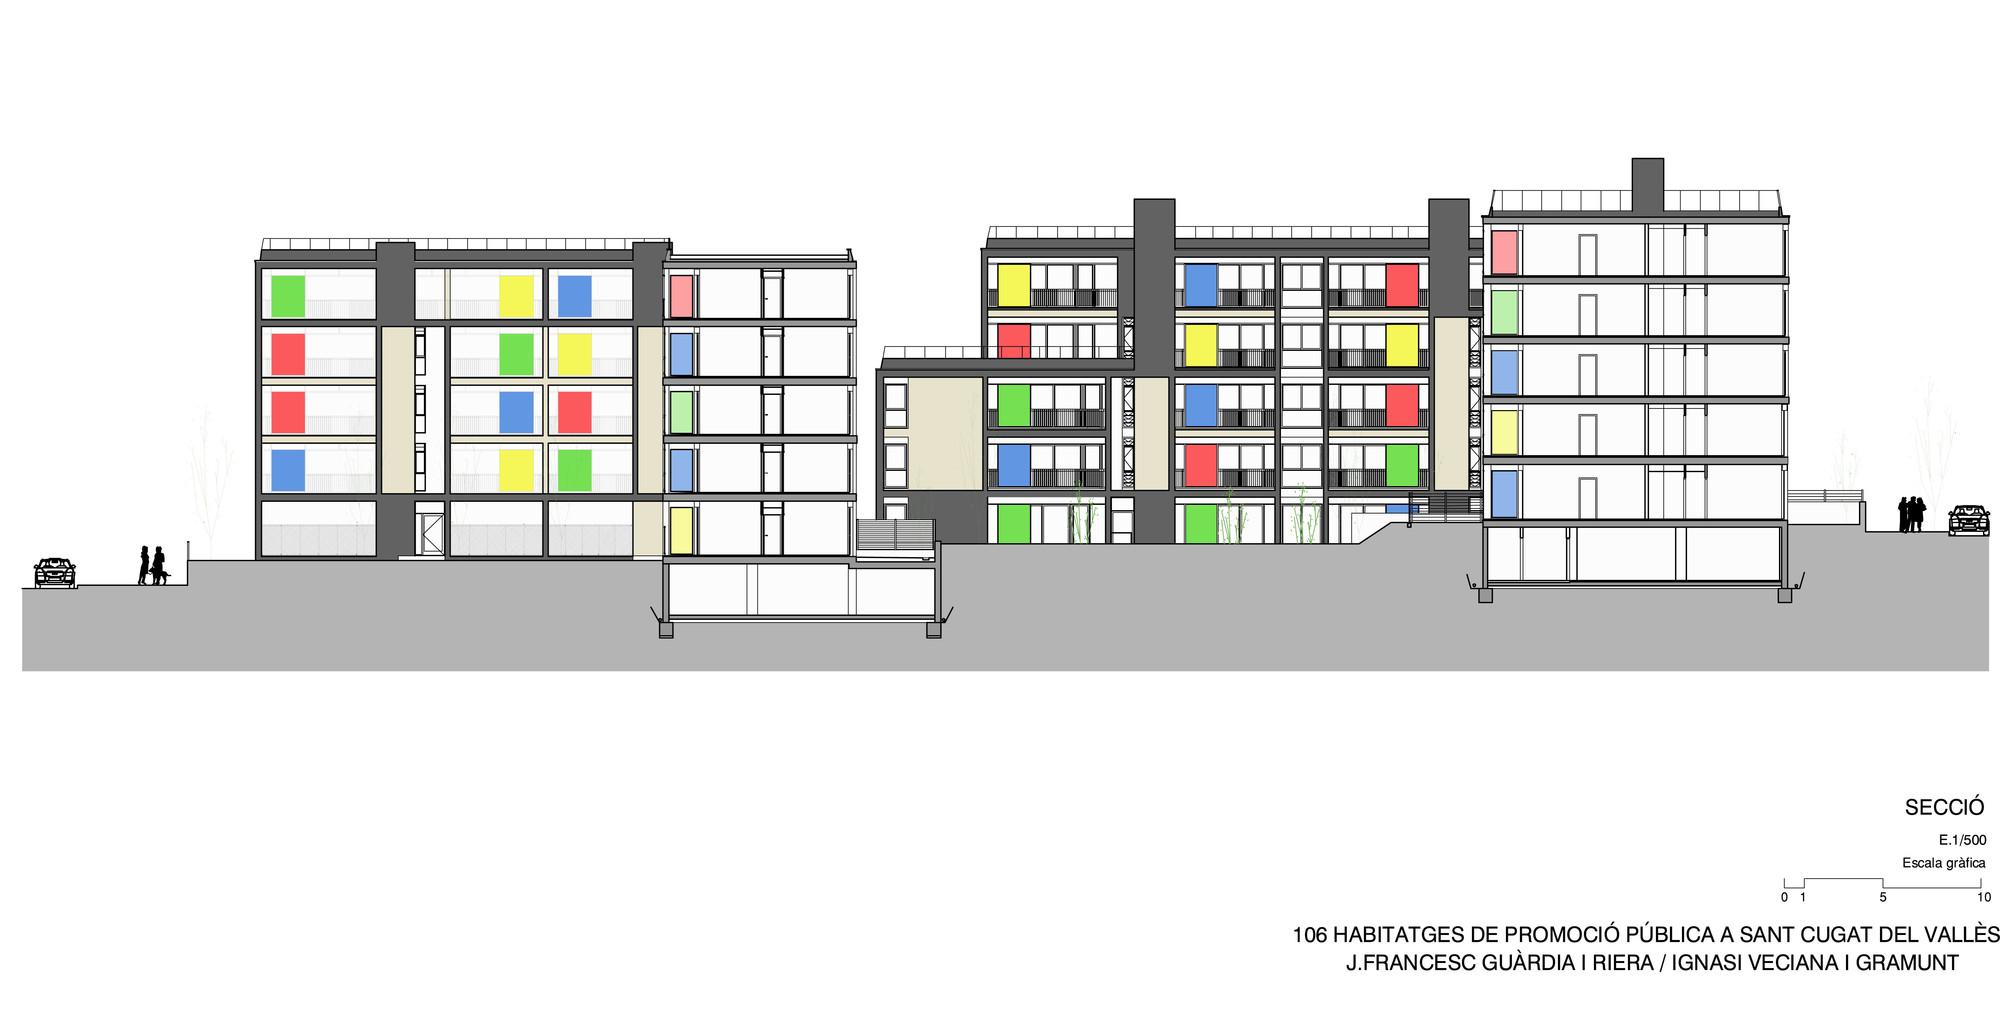 106 viviendas sociales en sant cugat gu rdia veciana - Arquitectura sant cugat ...